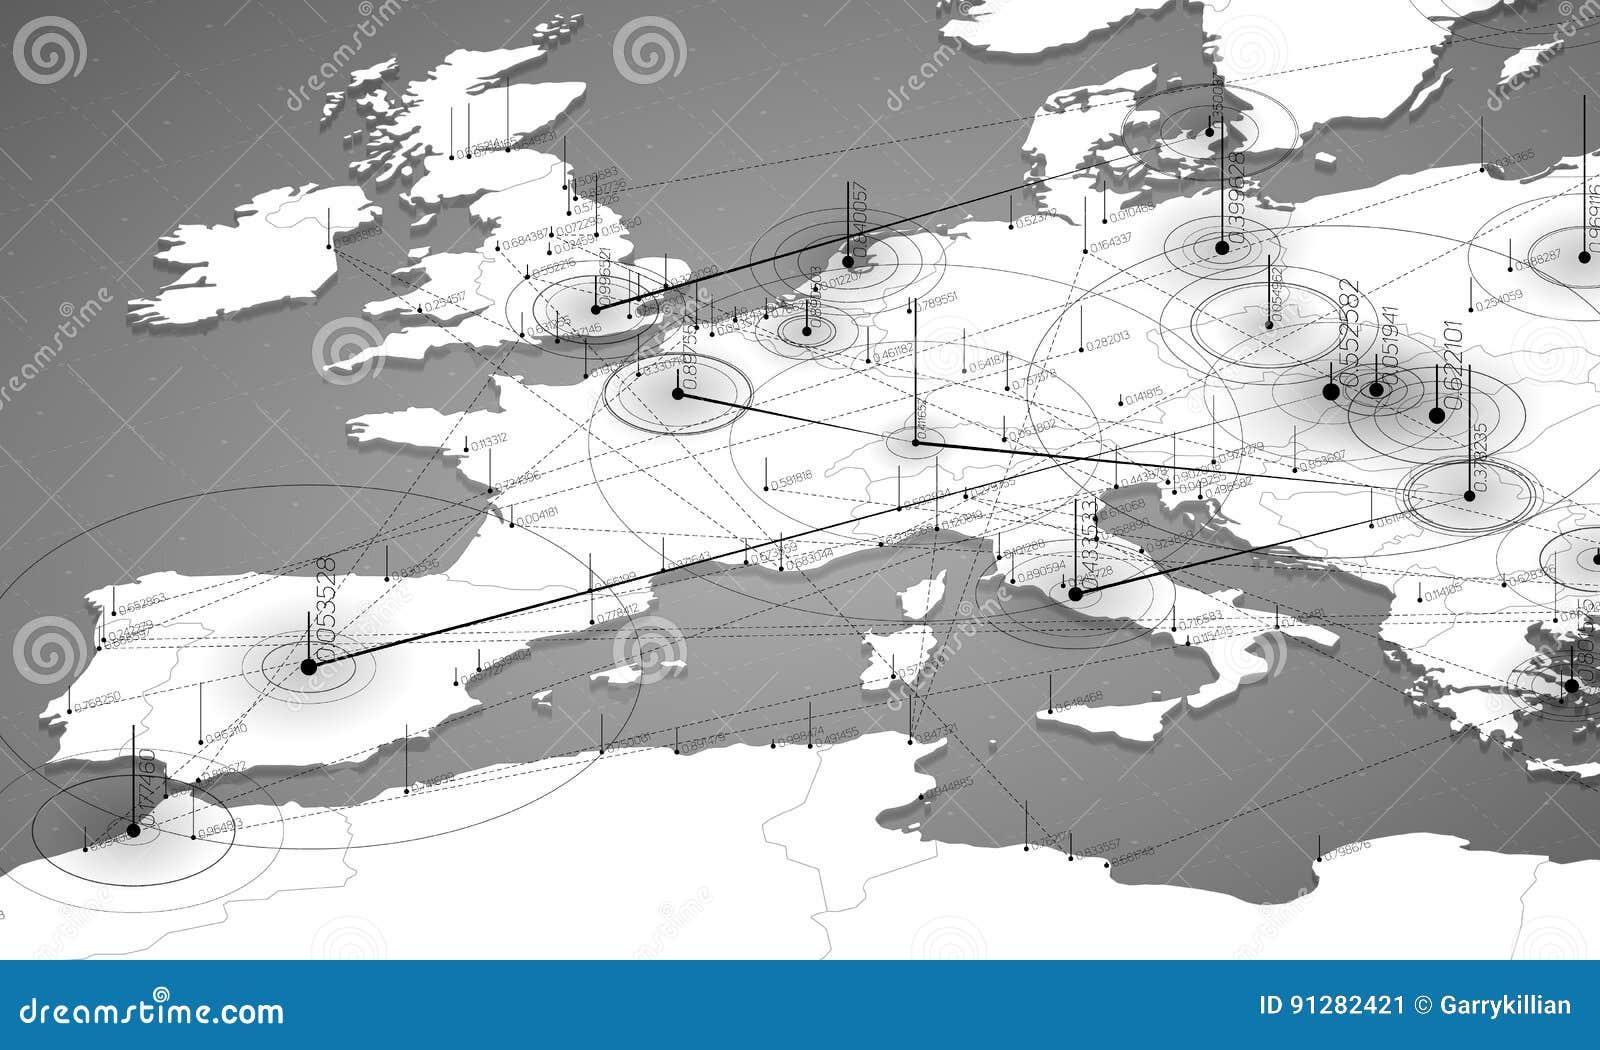 欧洲灰色极谱地图大数据形象化 infographic未来派的地图 信息美学 视觉数据复杂性